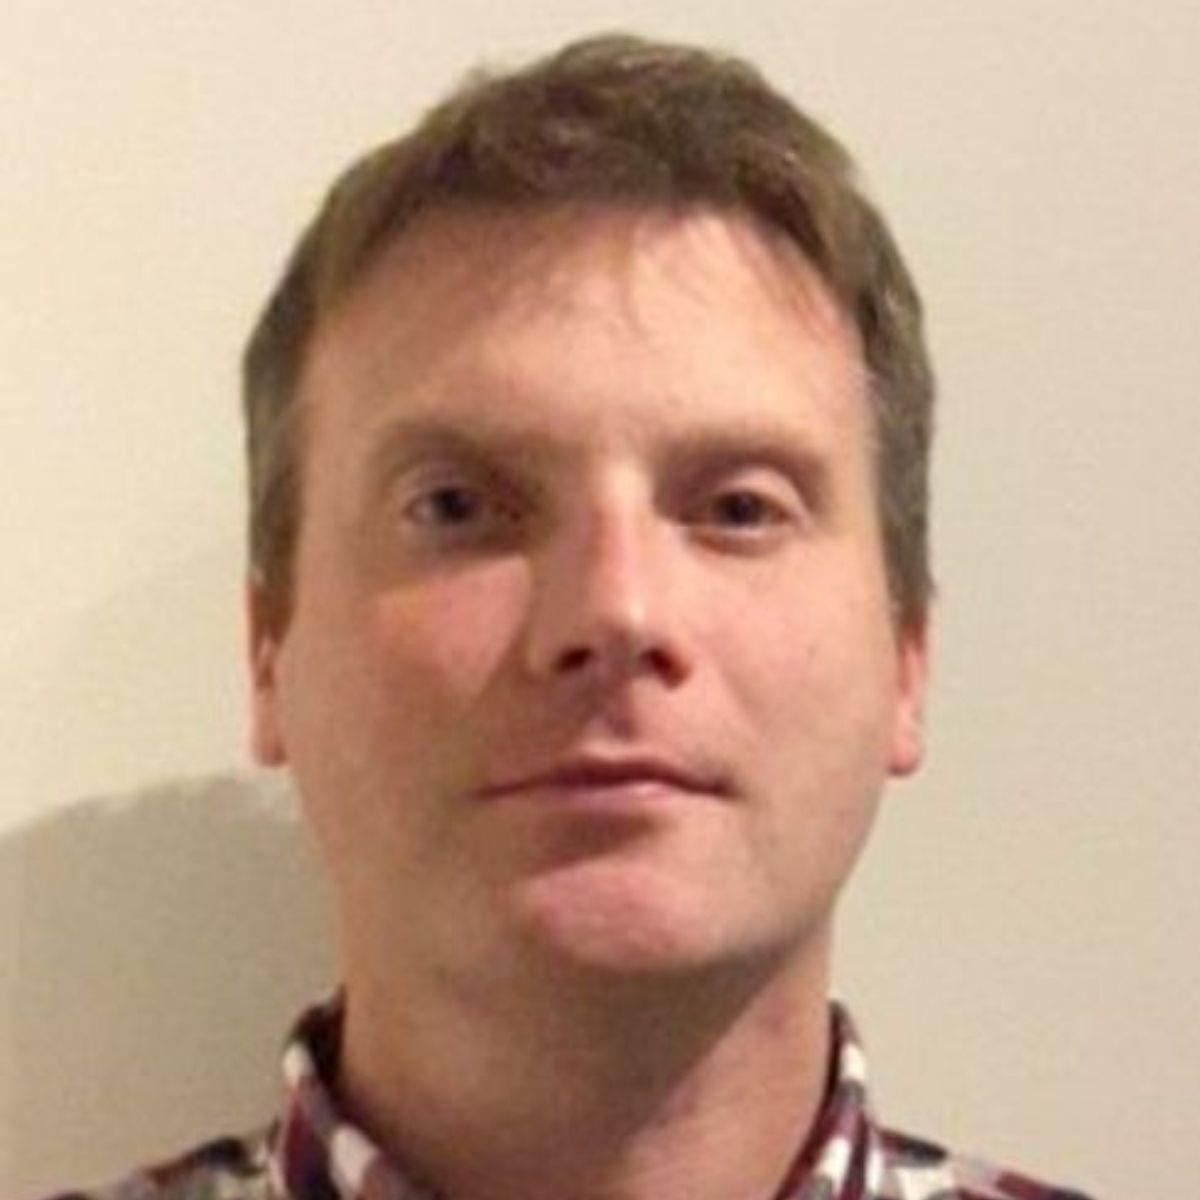 Alan Dillon, Teagasc, suckler farming, suckler cows